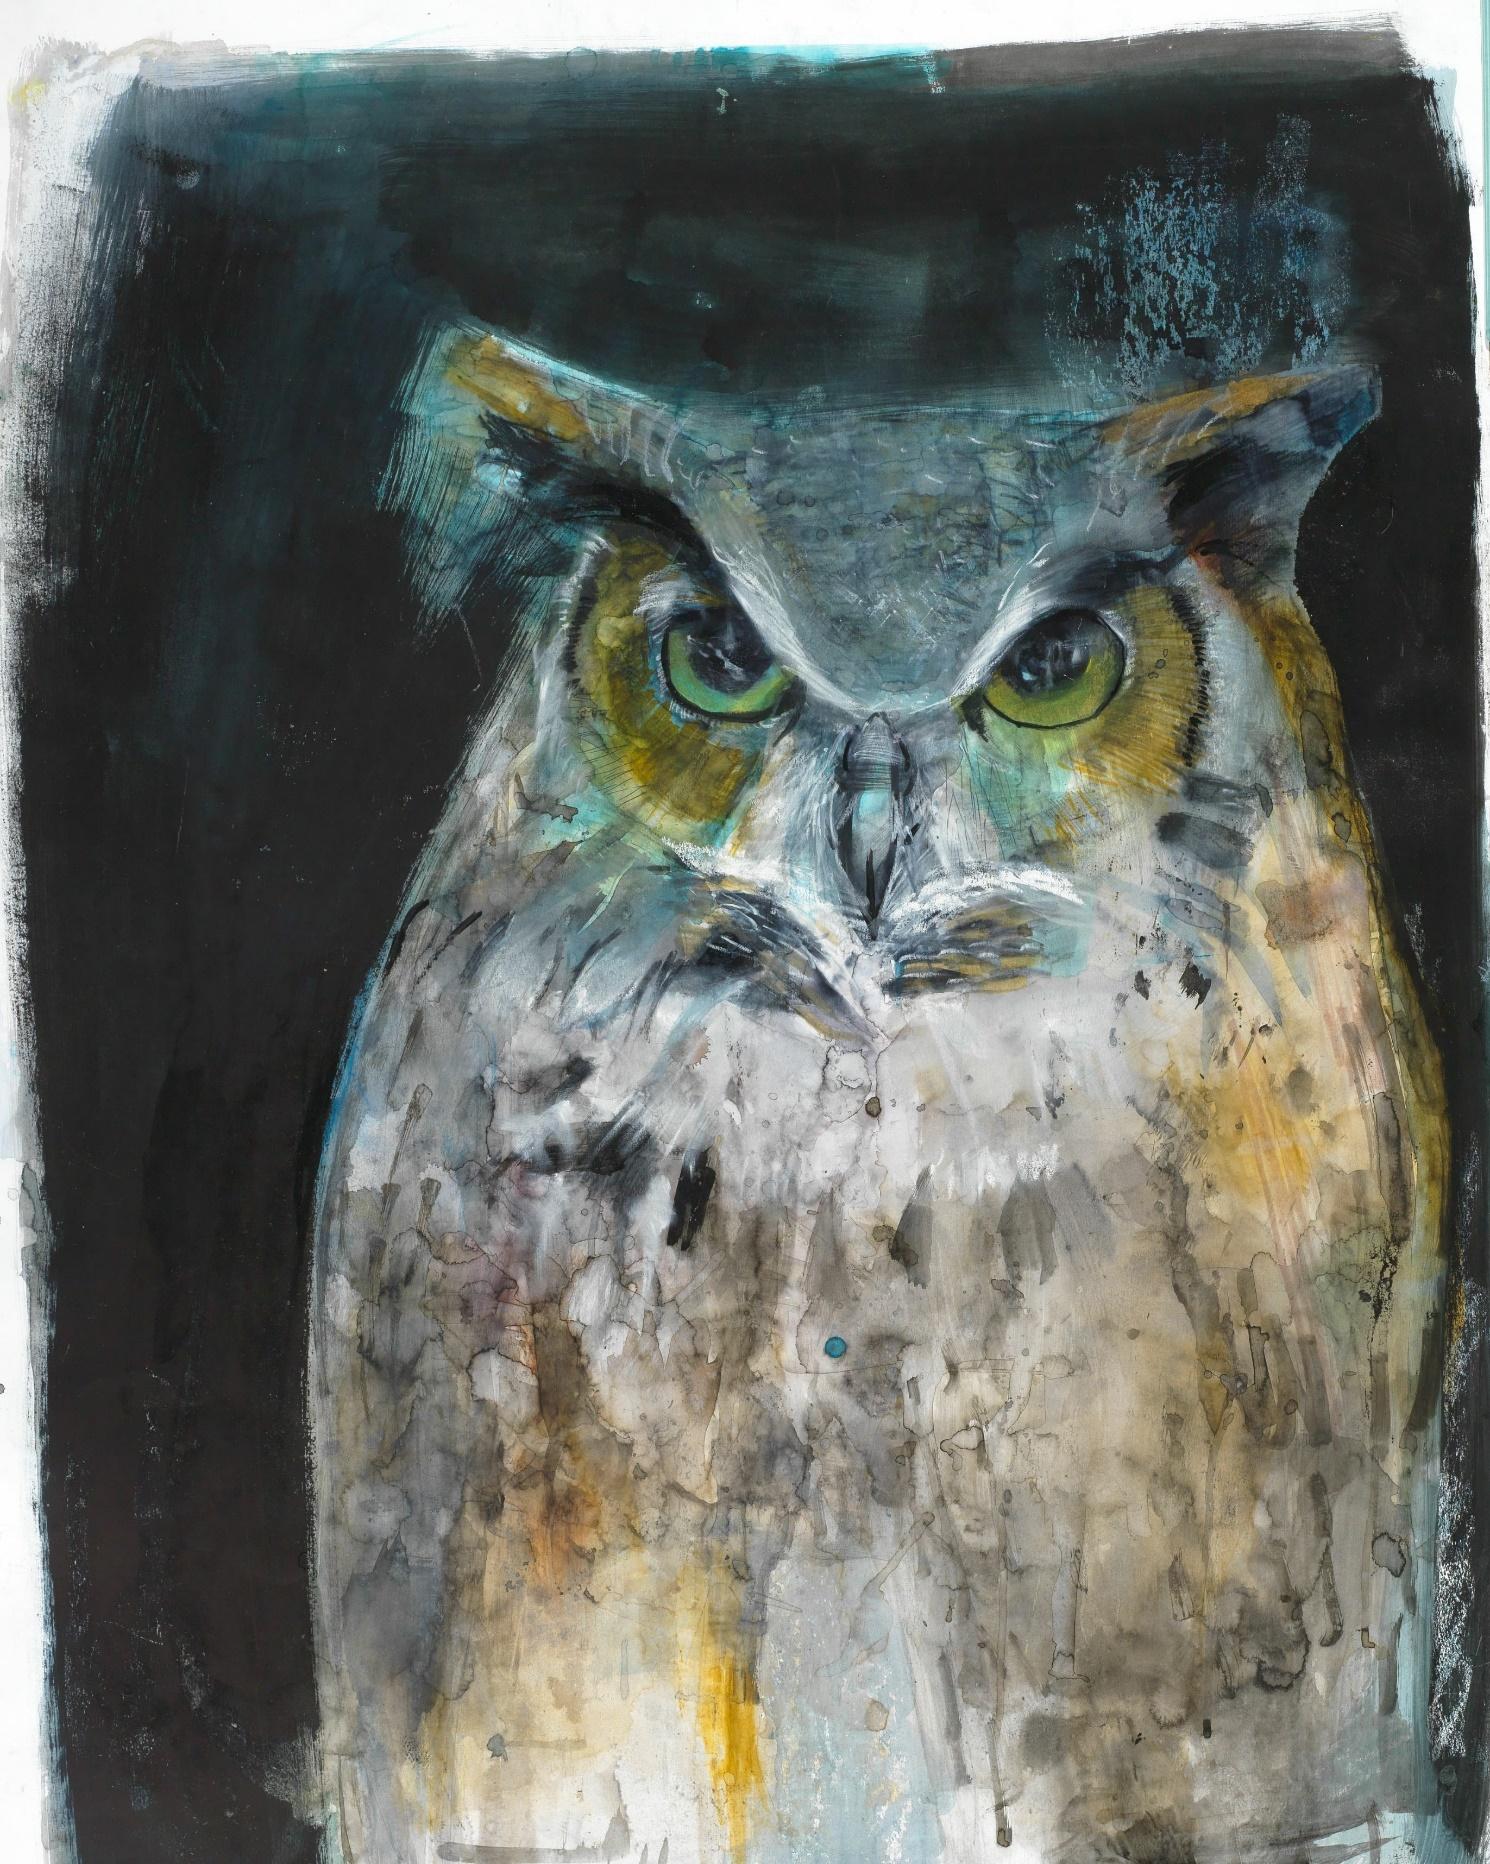 圖4. Russ Ronat作品凝視的貓頭鷹(Owl Looking)